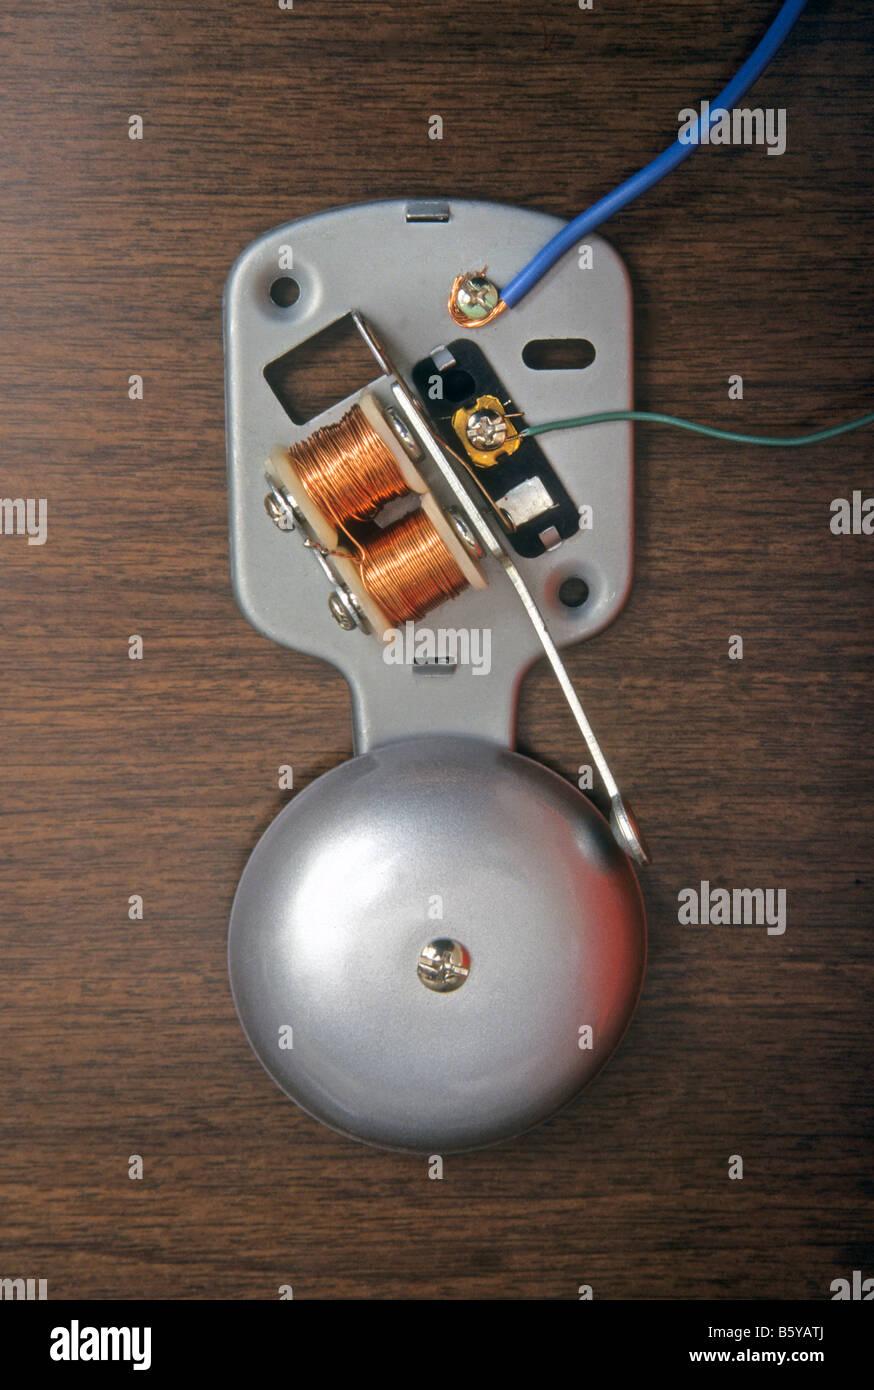 Beliebt Elektrische Klingel mit Deckel entfernt, um die inneren Teile zu OA79